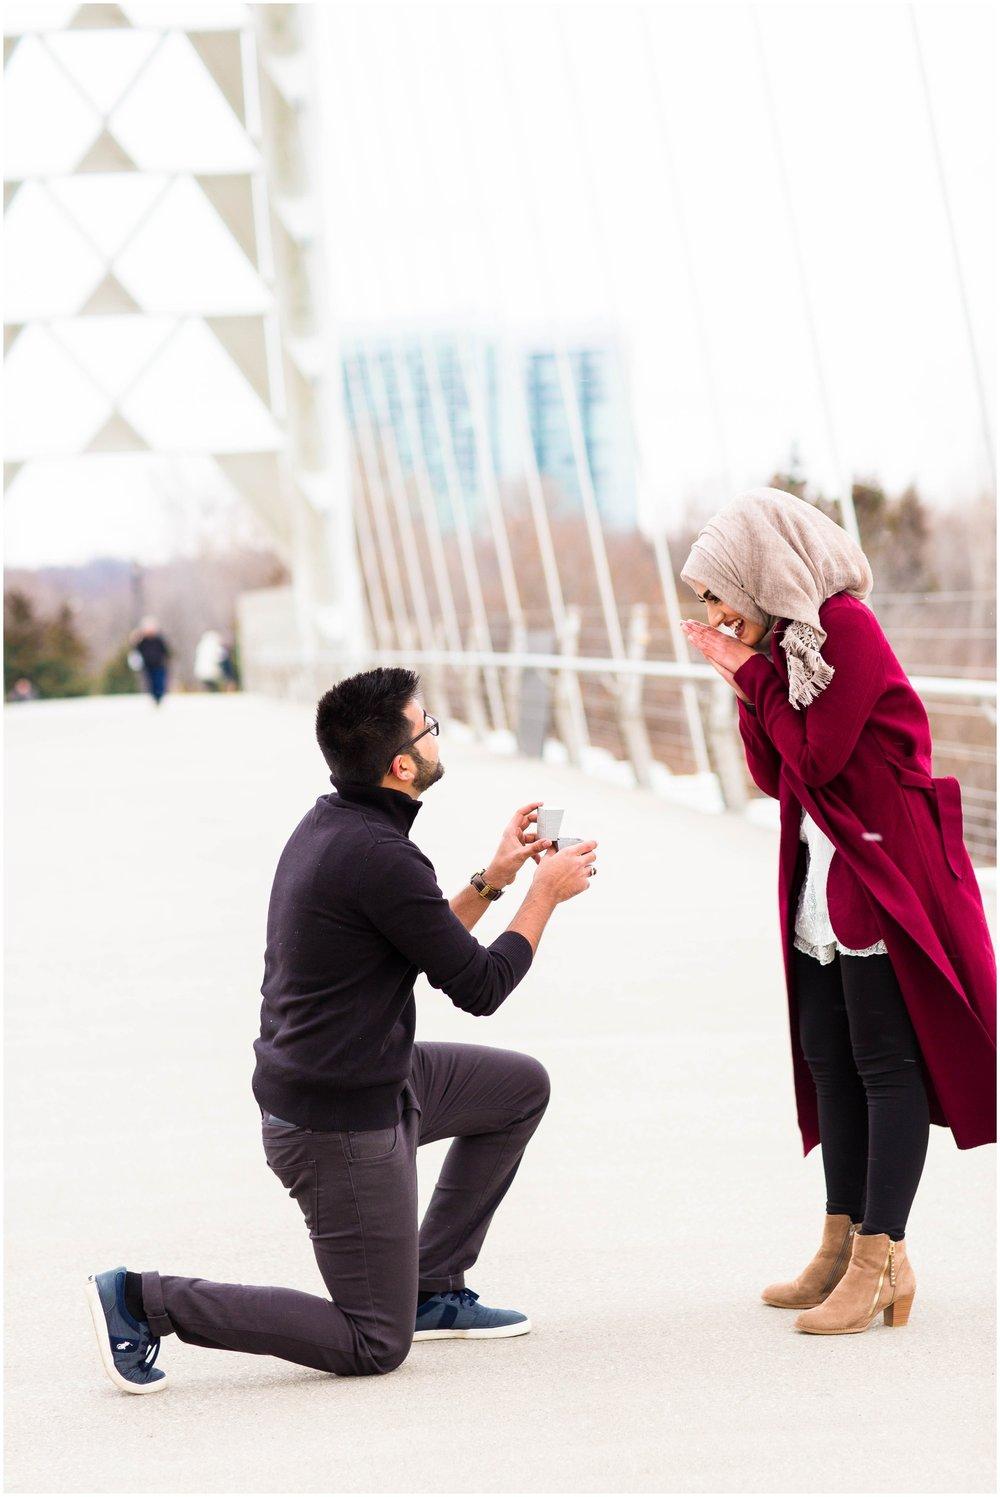 2017-Engagements-Toronto-Mississauga-GTA-Pakistani-Indian-Wedding-Photography-Photographer_0006.jpg